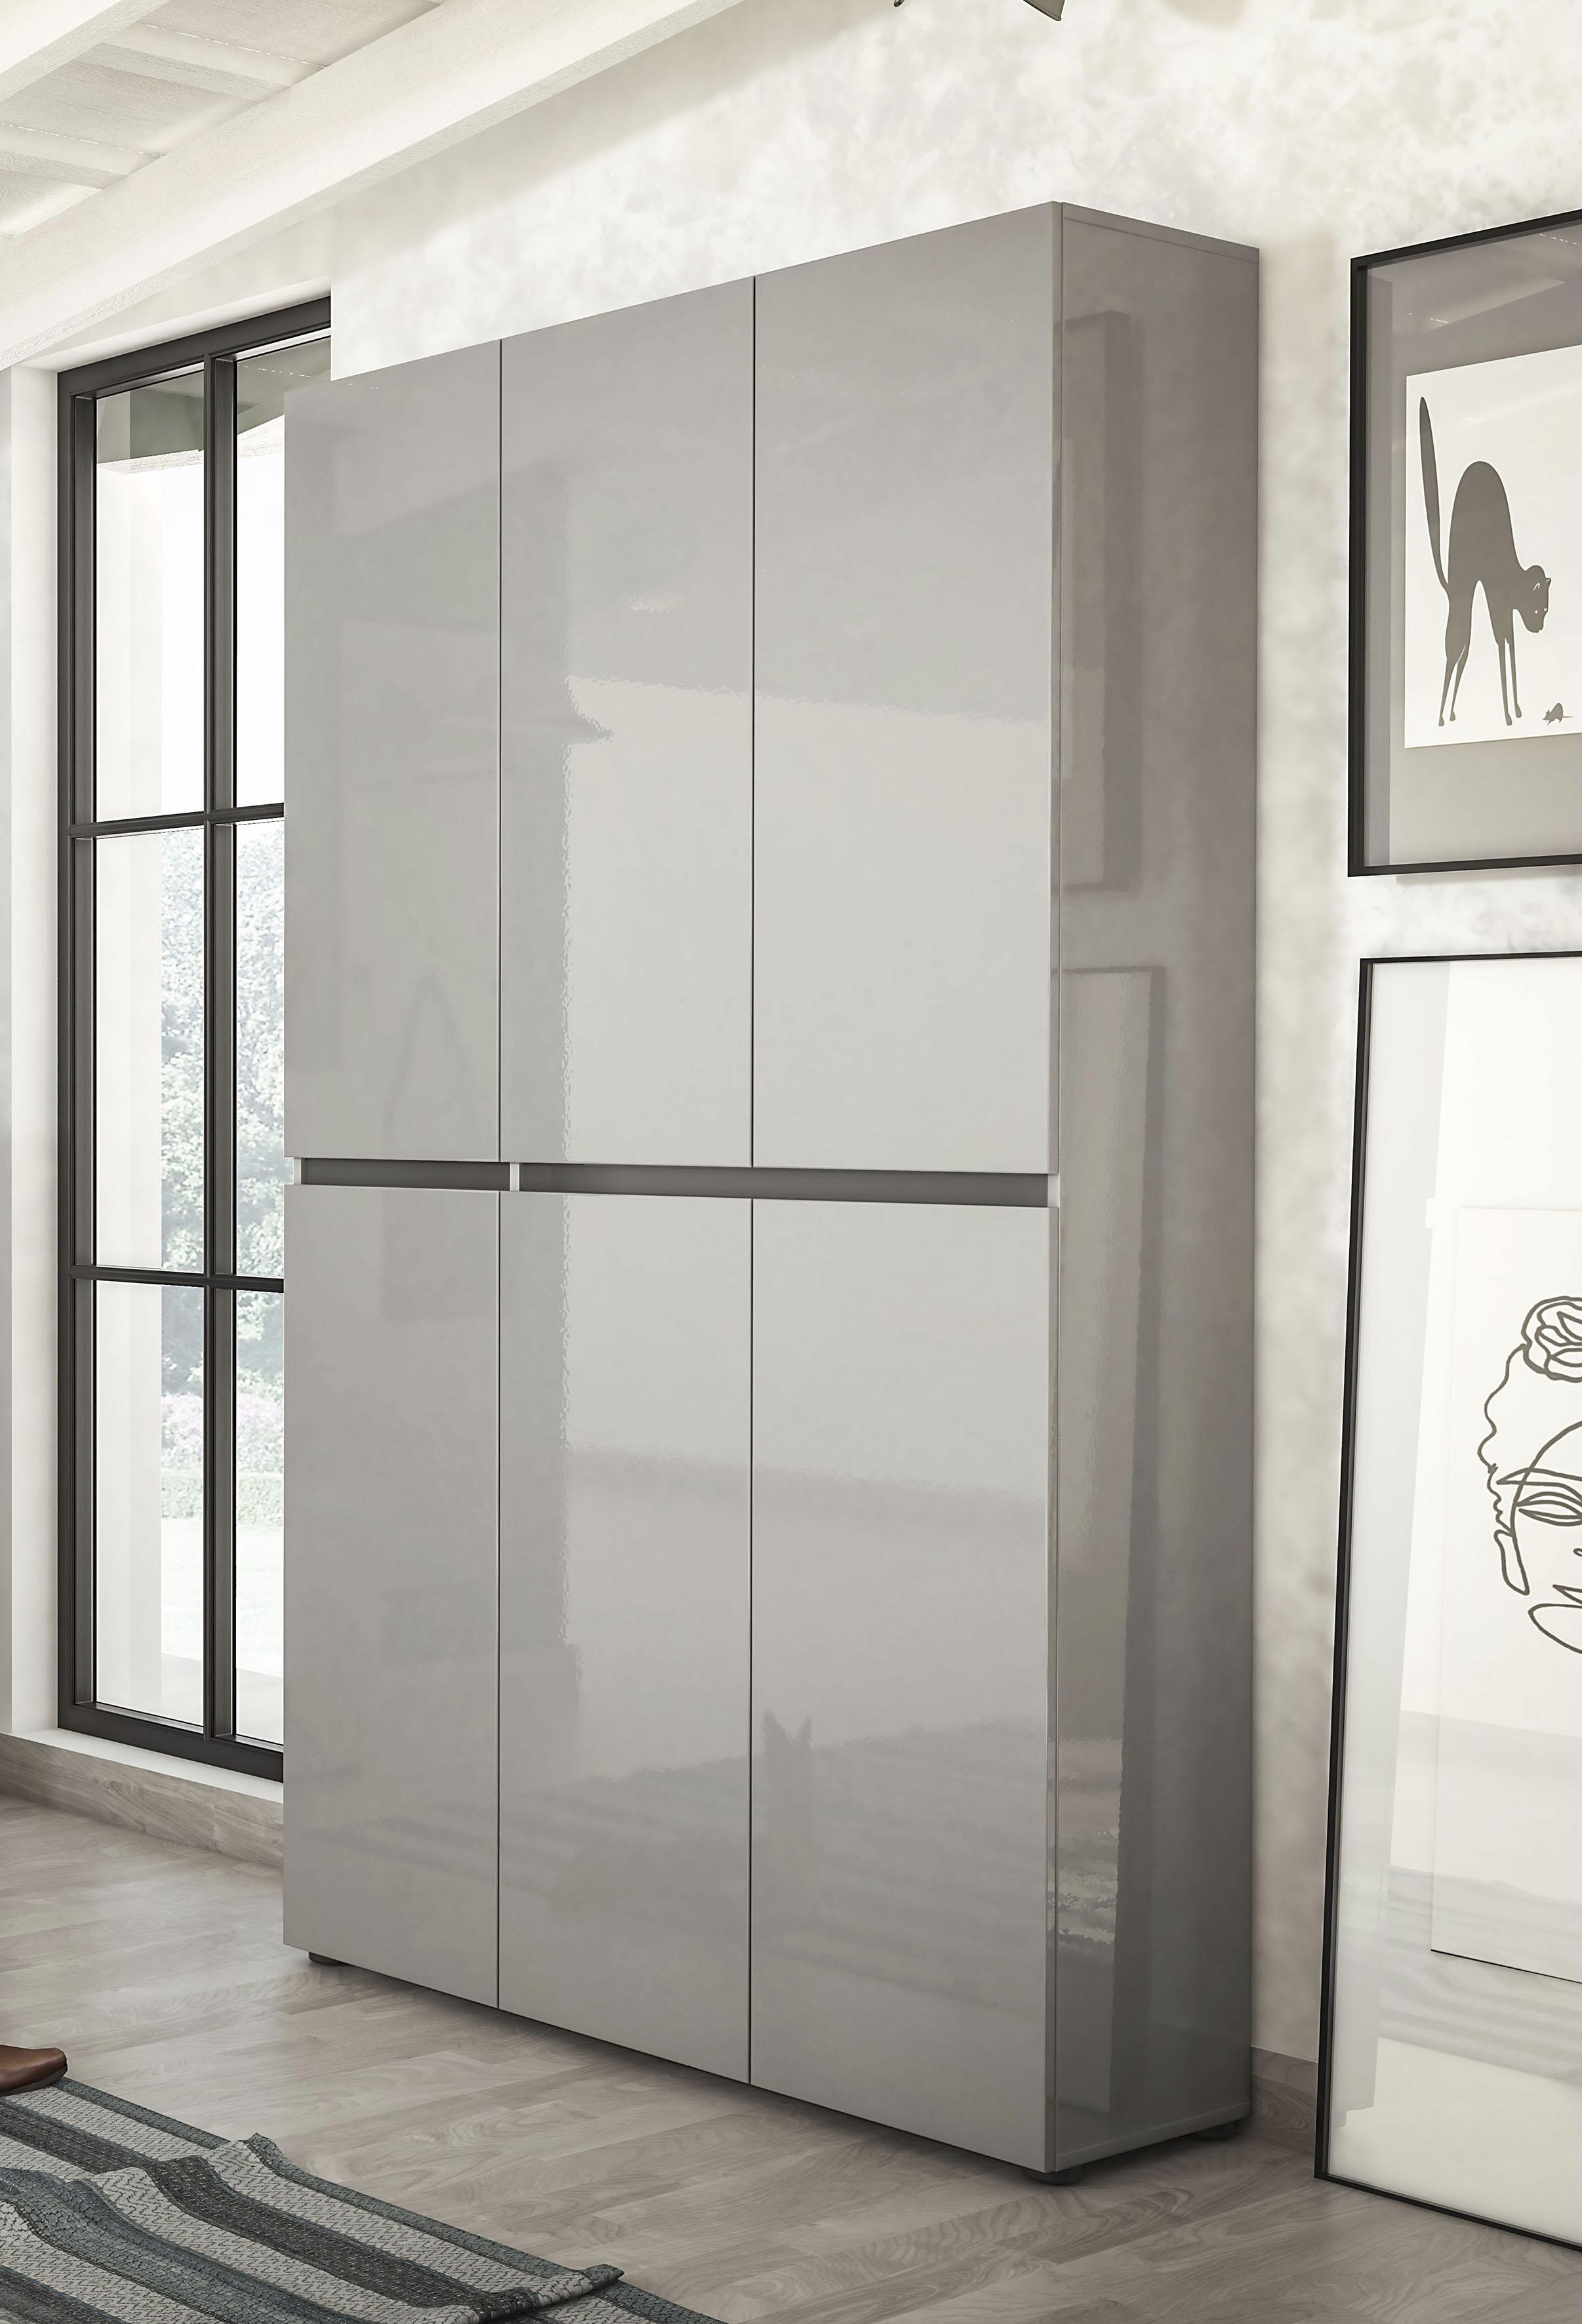 KITALY Schuhschrank »Mister«, Breite 120 cm, Höhe 200 cm, 6 Türen günstig online kaufen